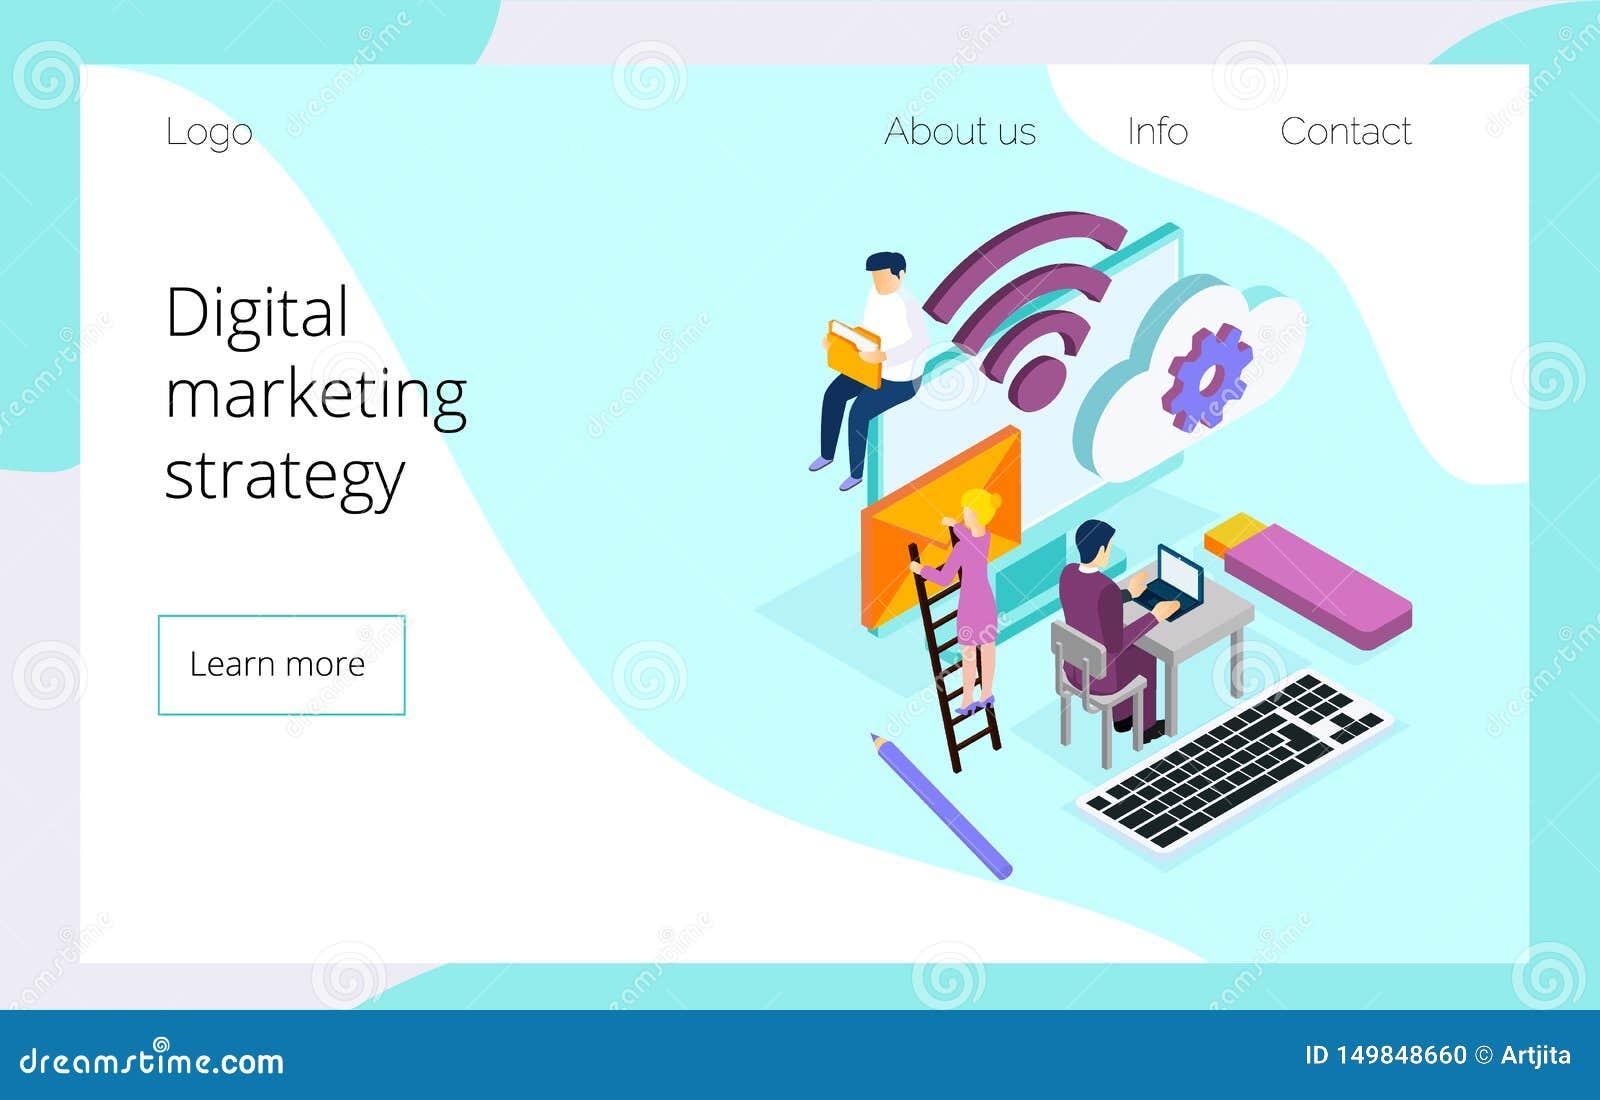 Isometrisches Team von den Spezialisten, die an Landungsseite der digitalen Marketingstrategie arbeiten